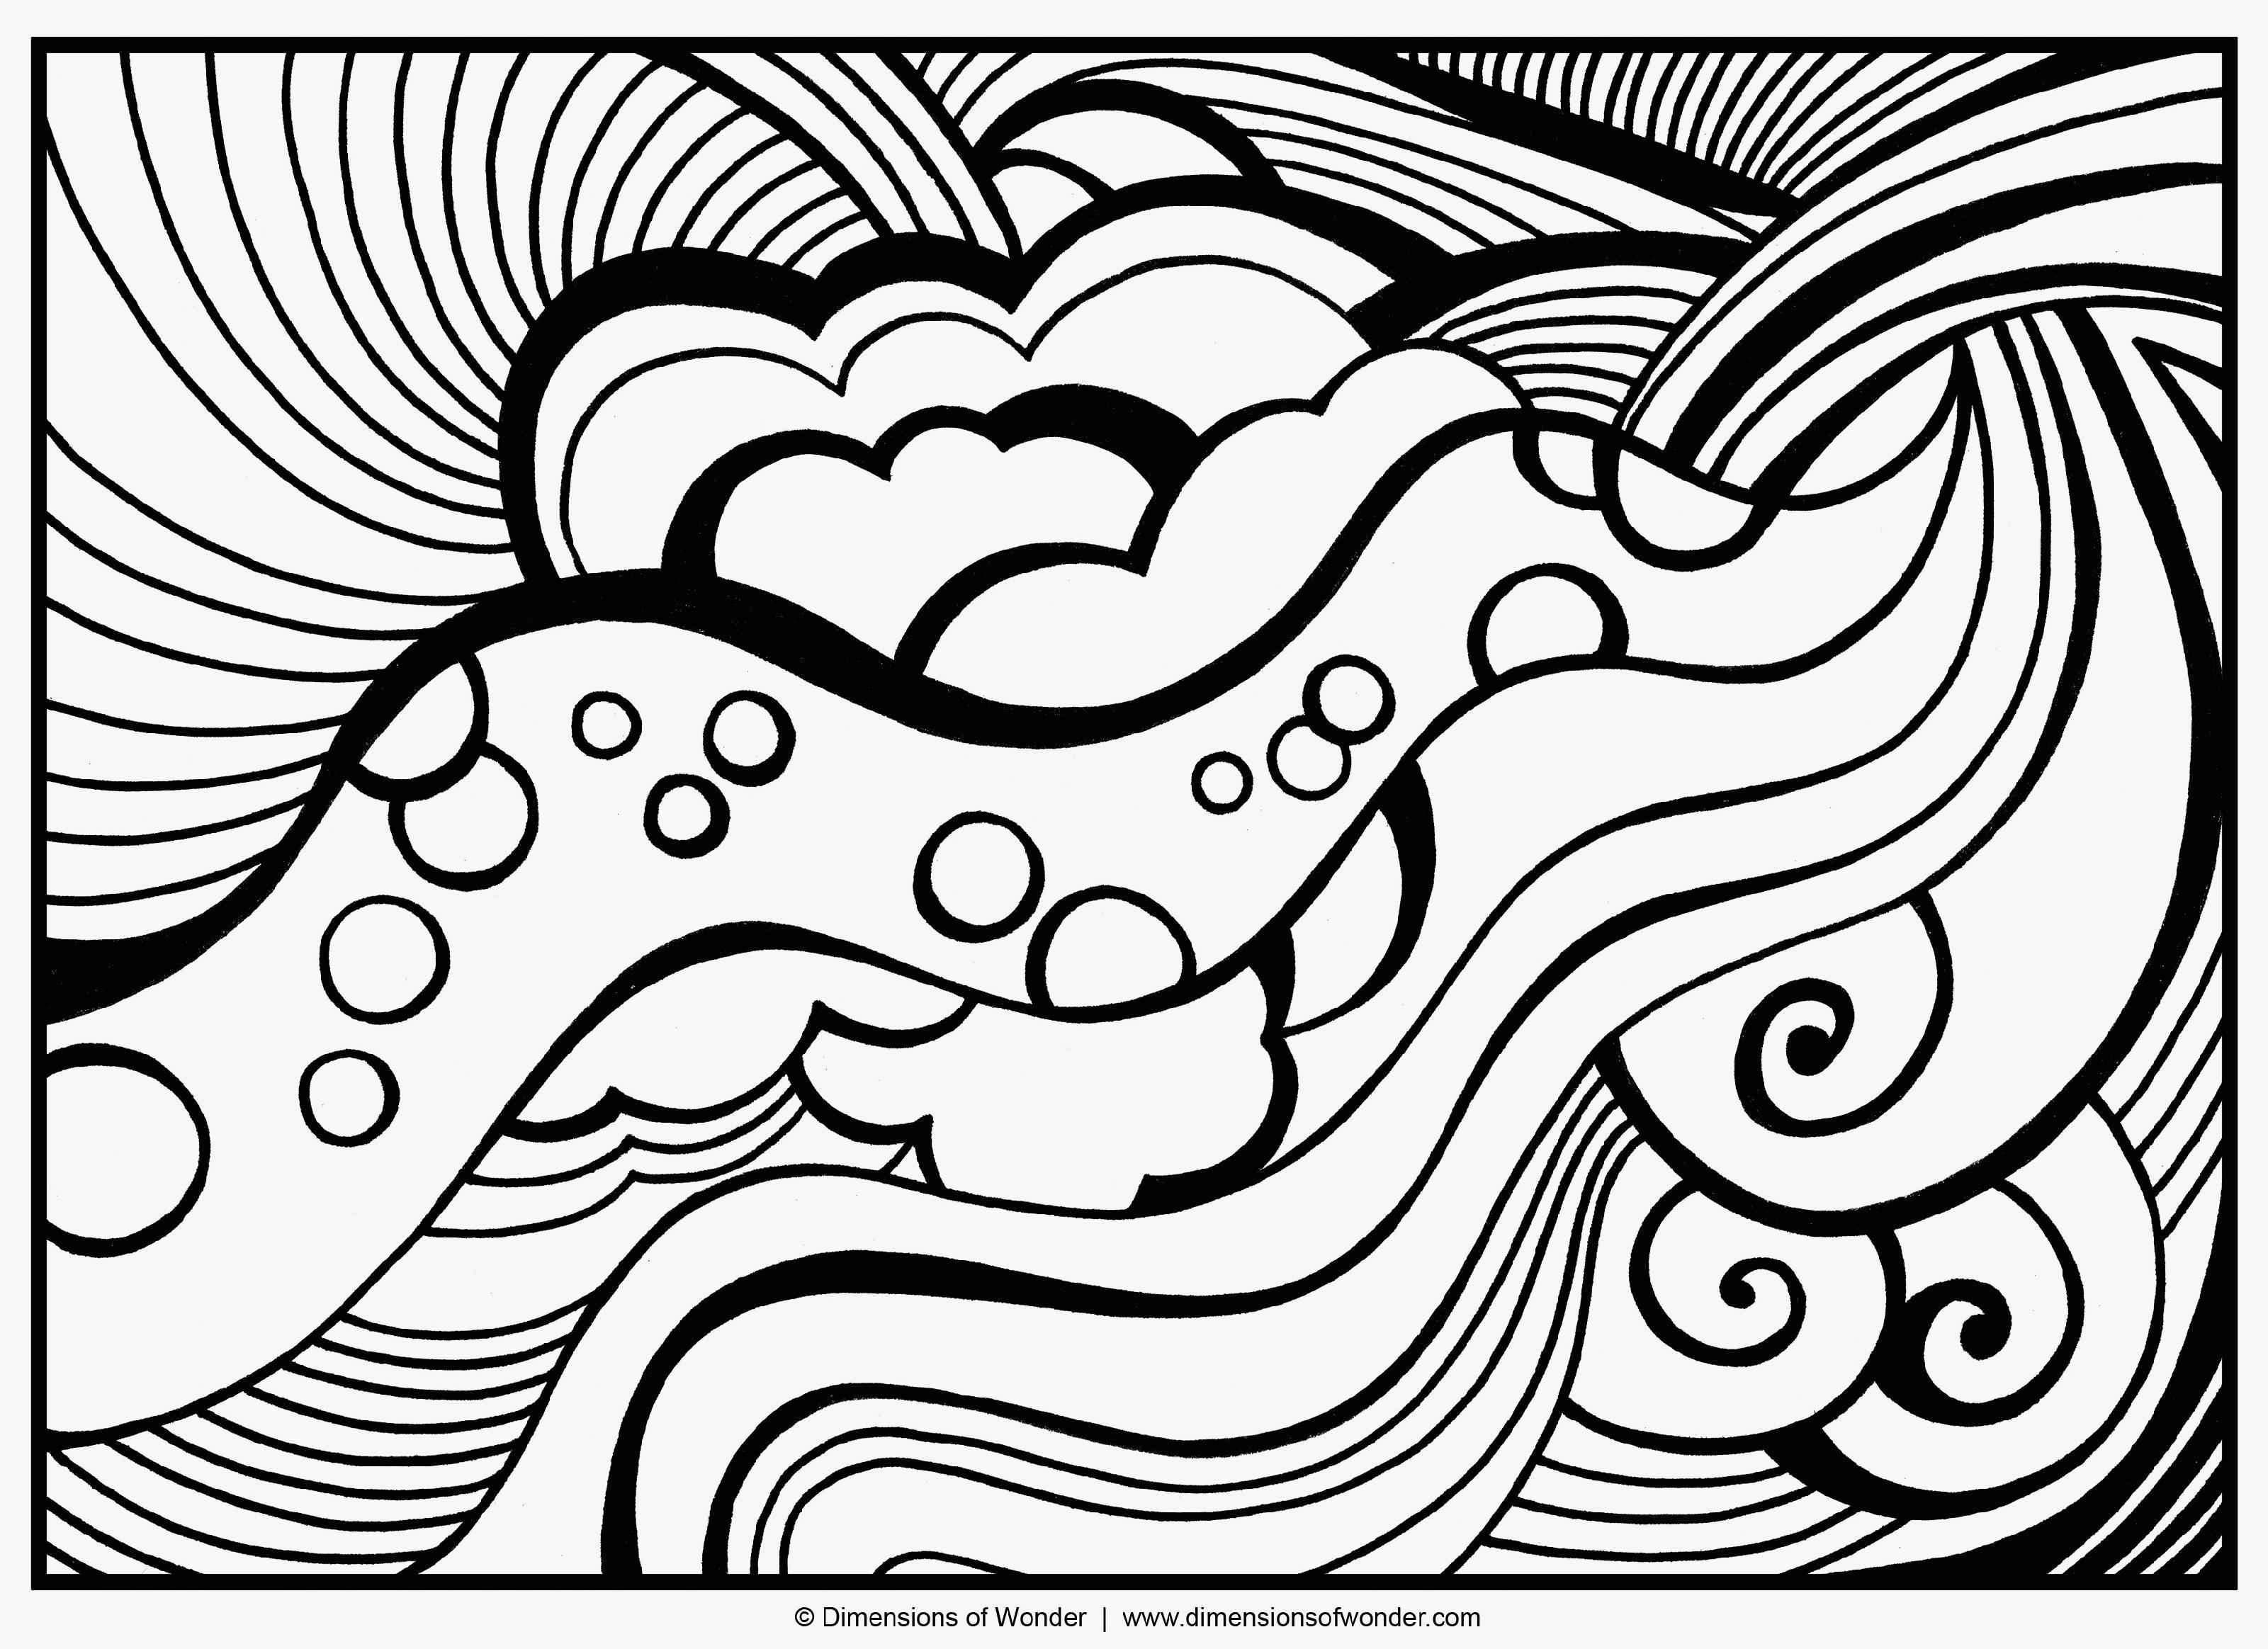 49+ Coloring Wallpaper for Teens on WallpaperSafari